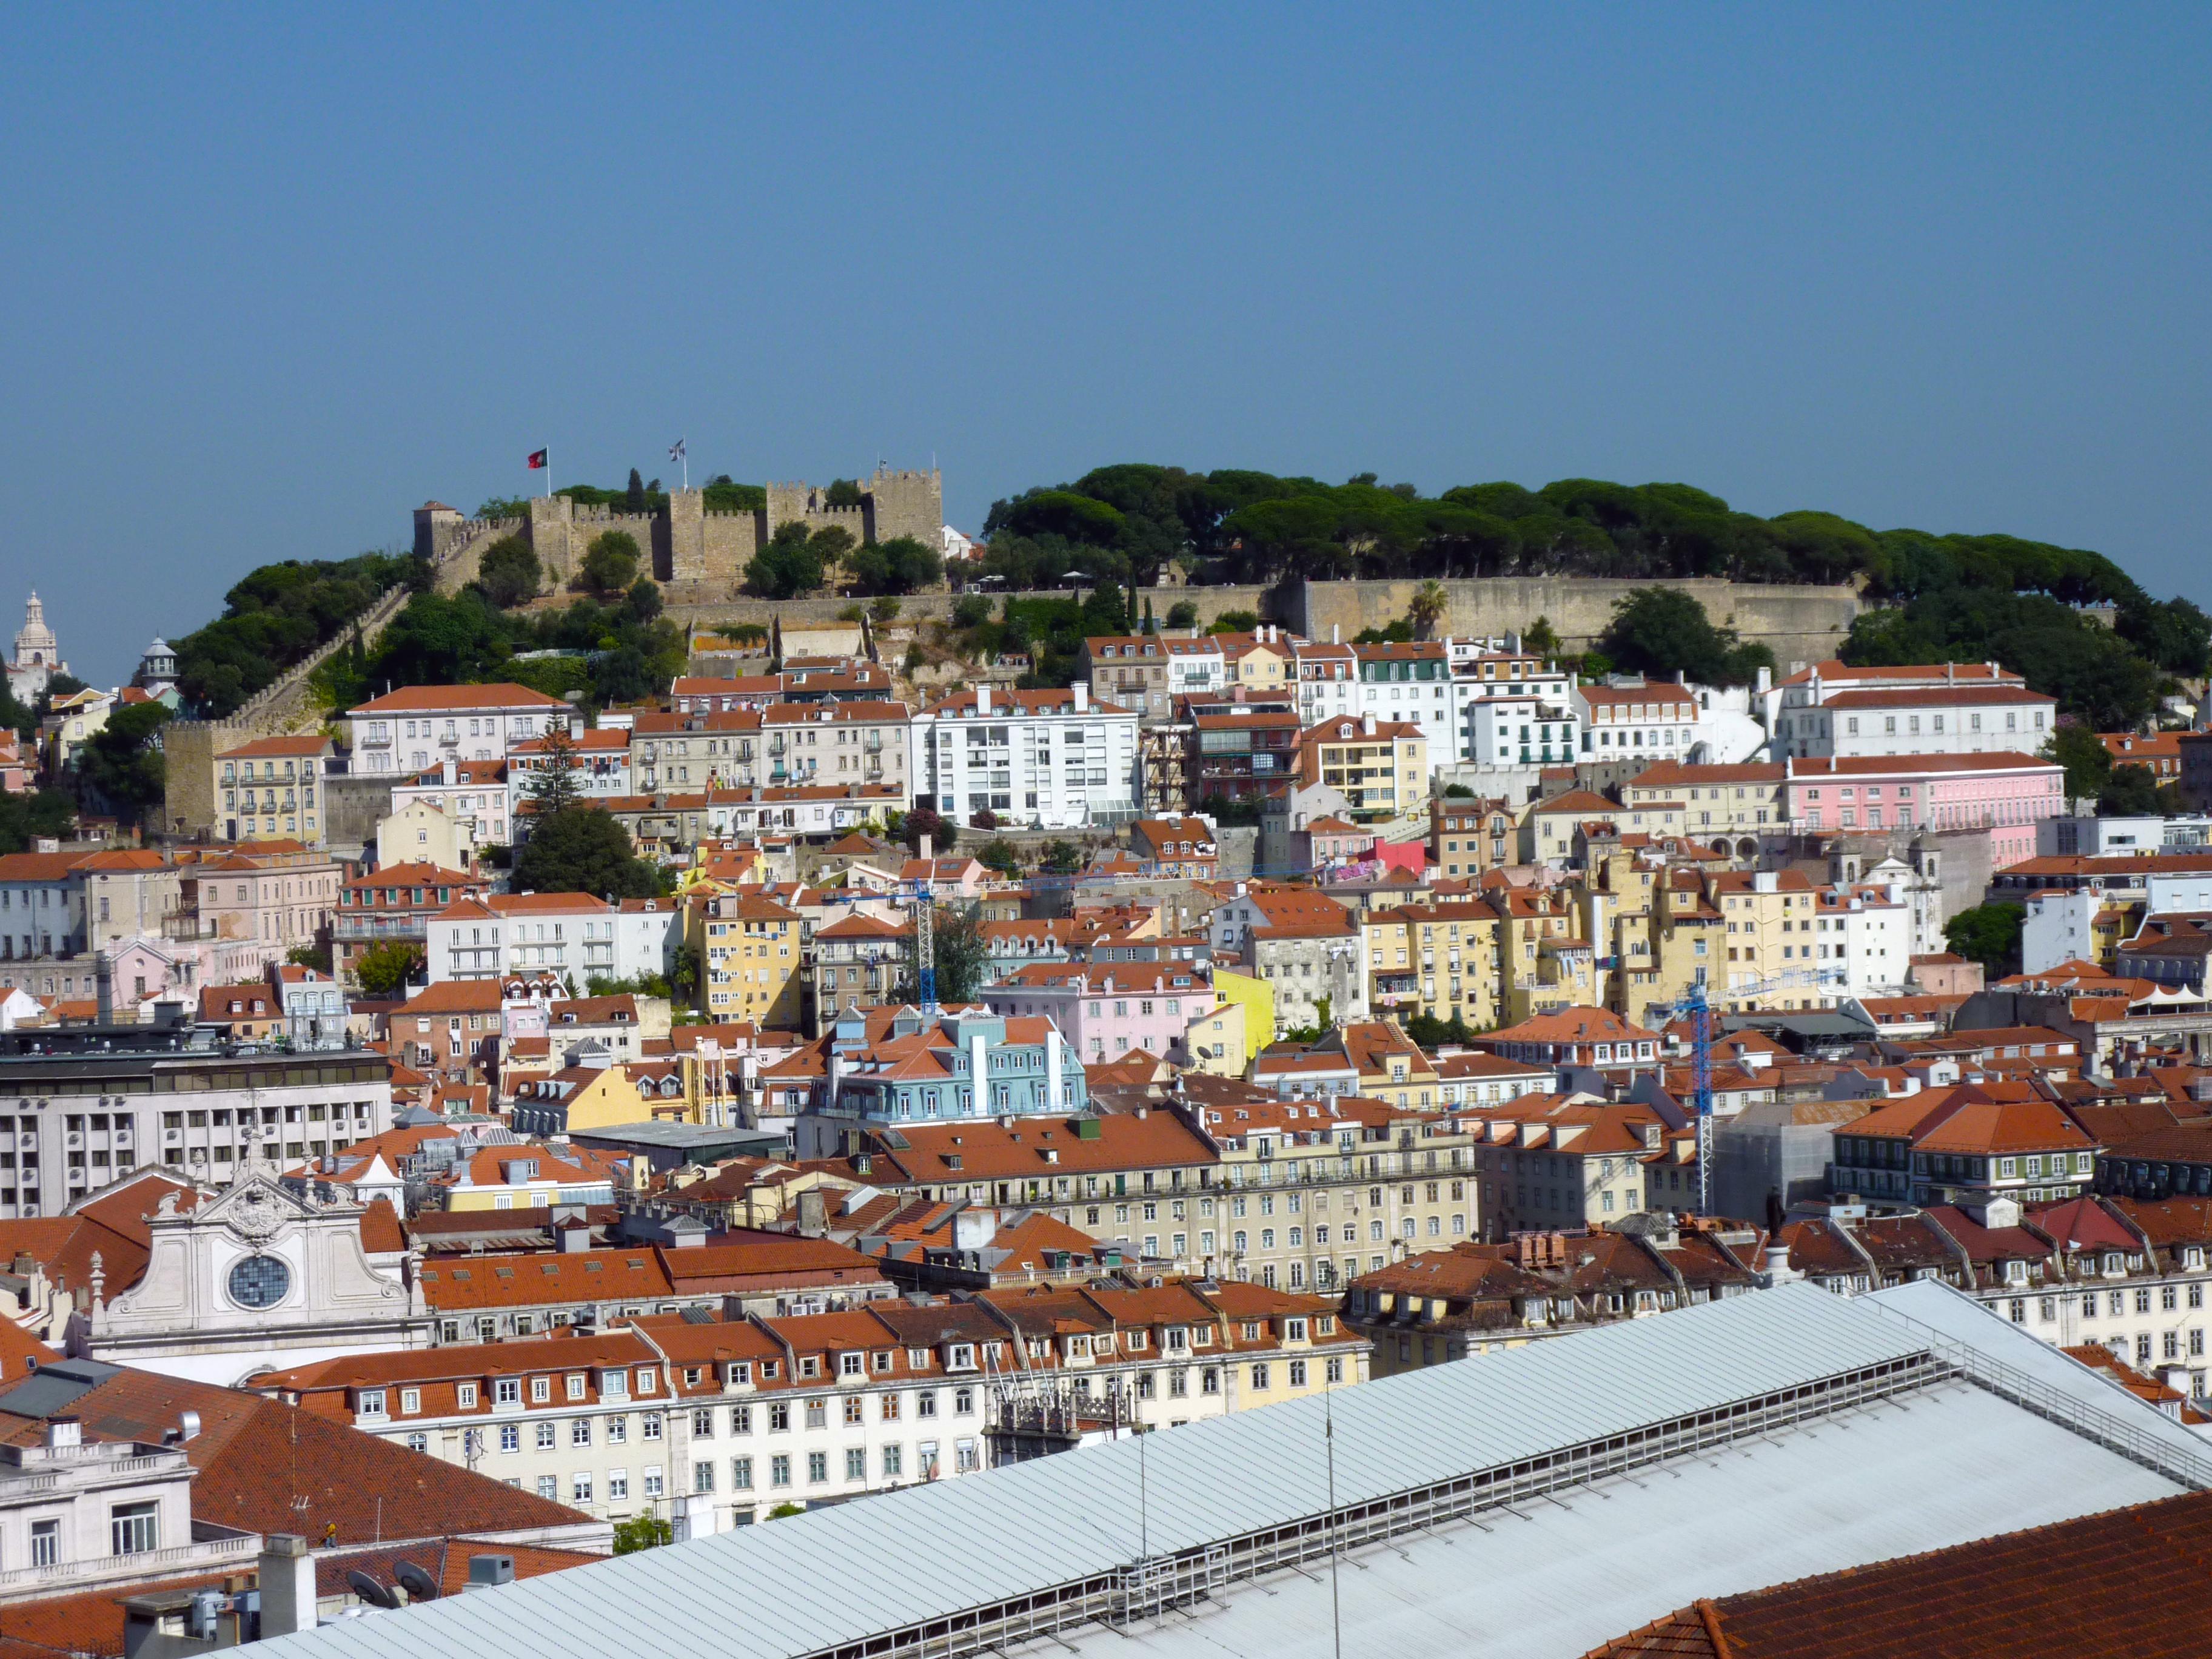 Sorge un nuovo giorno su Lisbona. Il cielo terso promette un'altra m